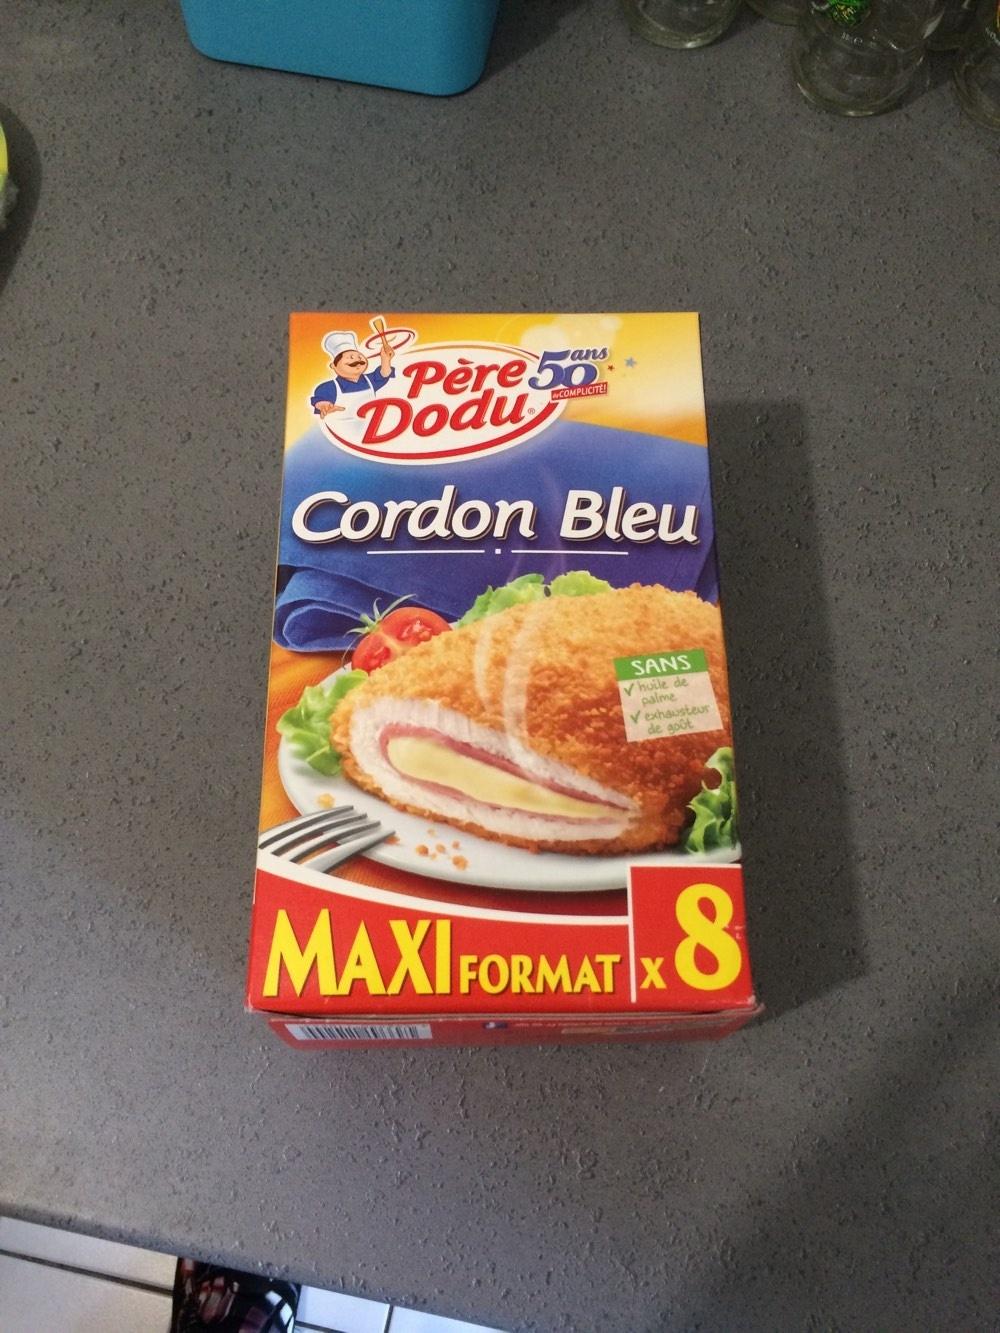 800G Escalope Cordon Bleu de Dinde Maxi Format Père Dodu - Product